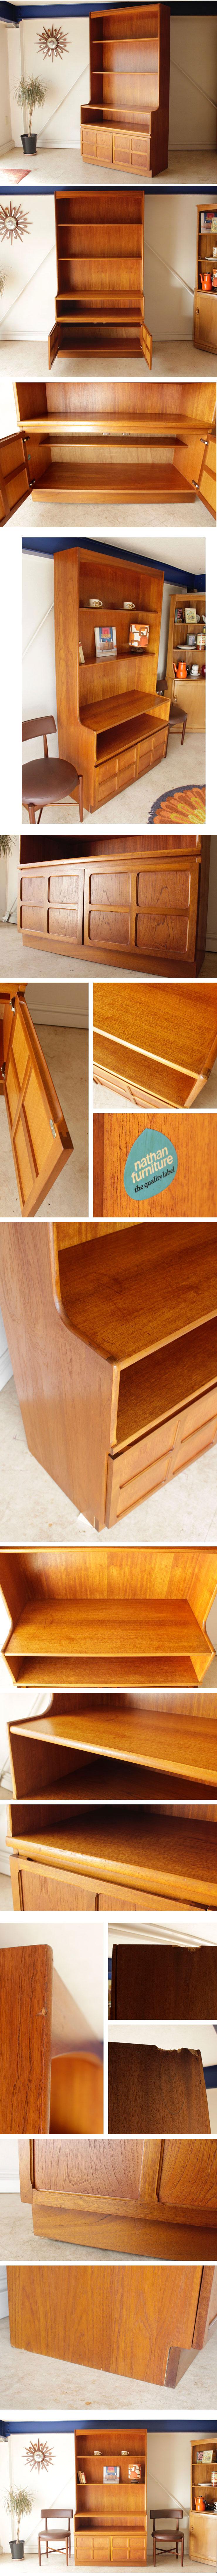 イギリス製のヴィンテージキャビネット。ネイサン社製品で食器棚やサイトボードしても使えます。